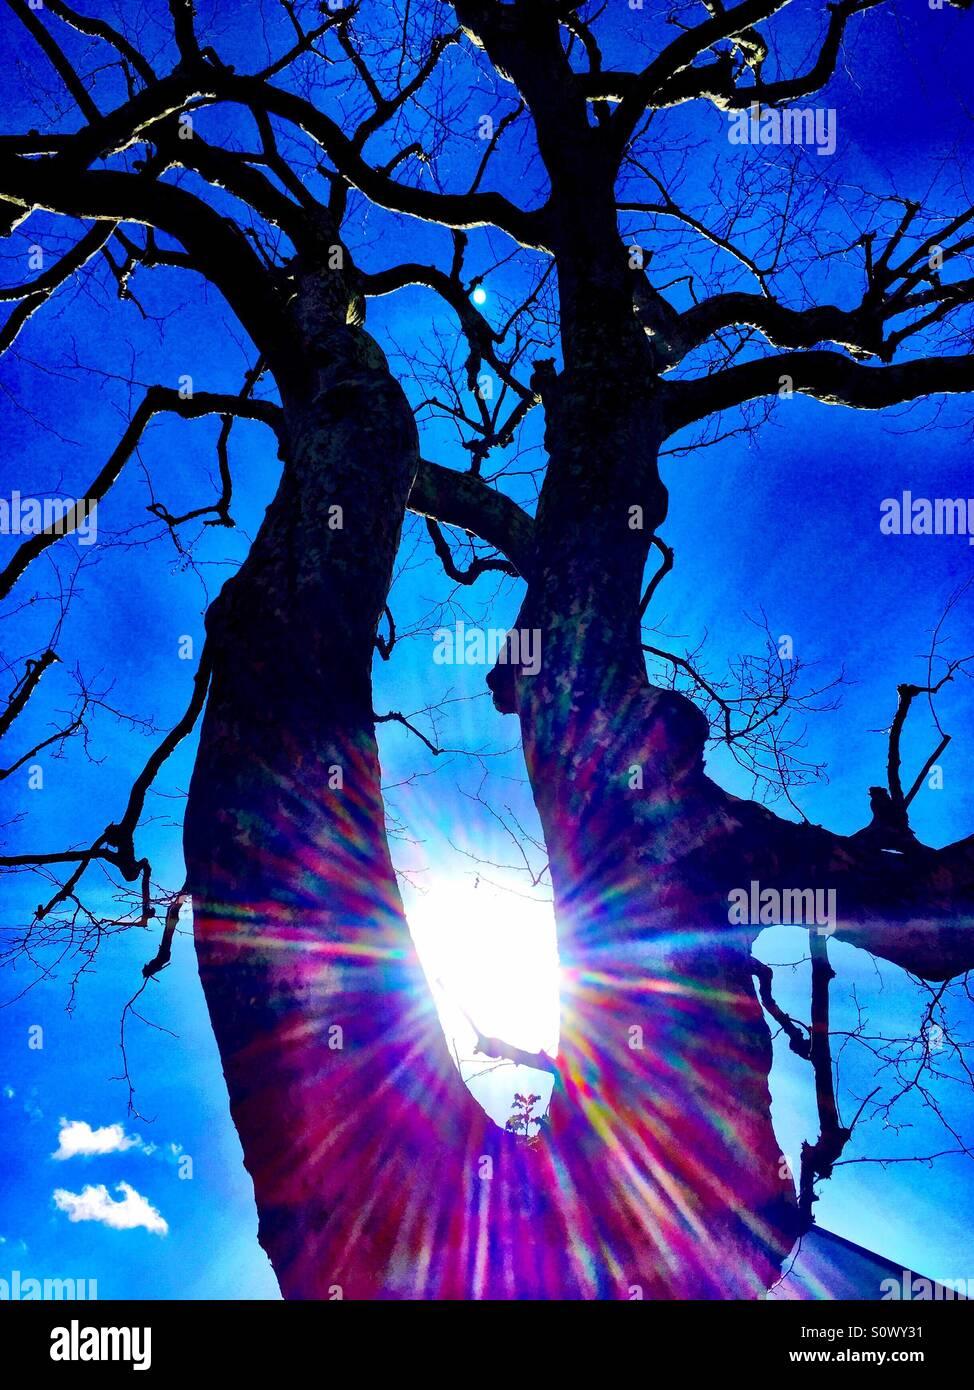 Baum mit keine Blätter zurück beleuchteten Silhouette mit Flair-Effekt Stockbild